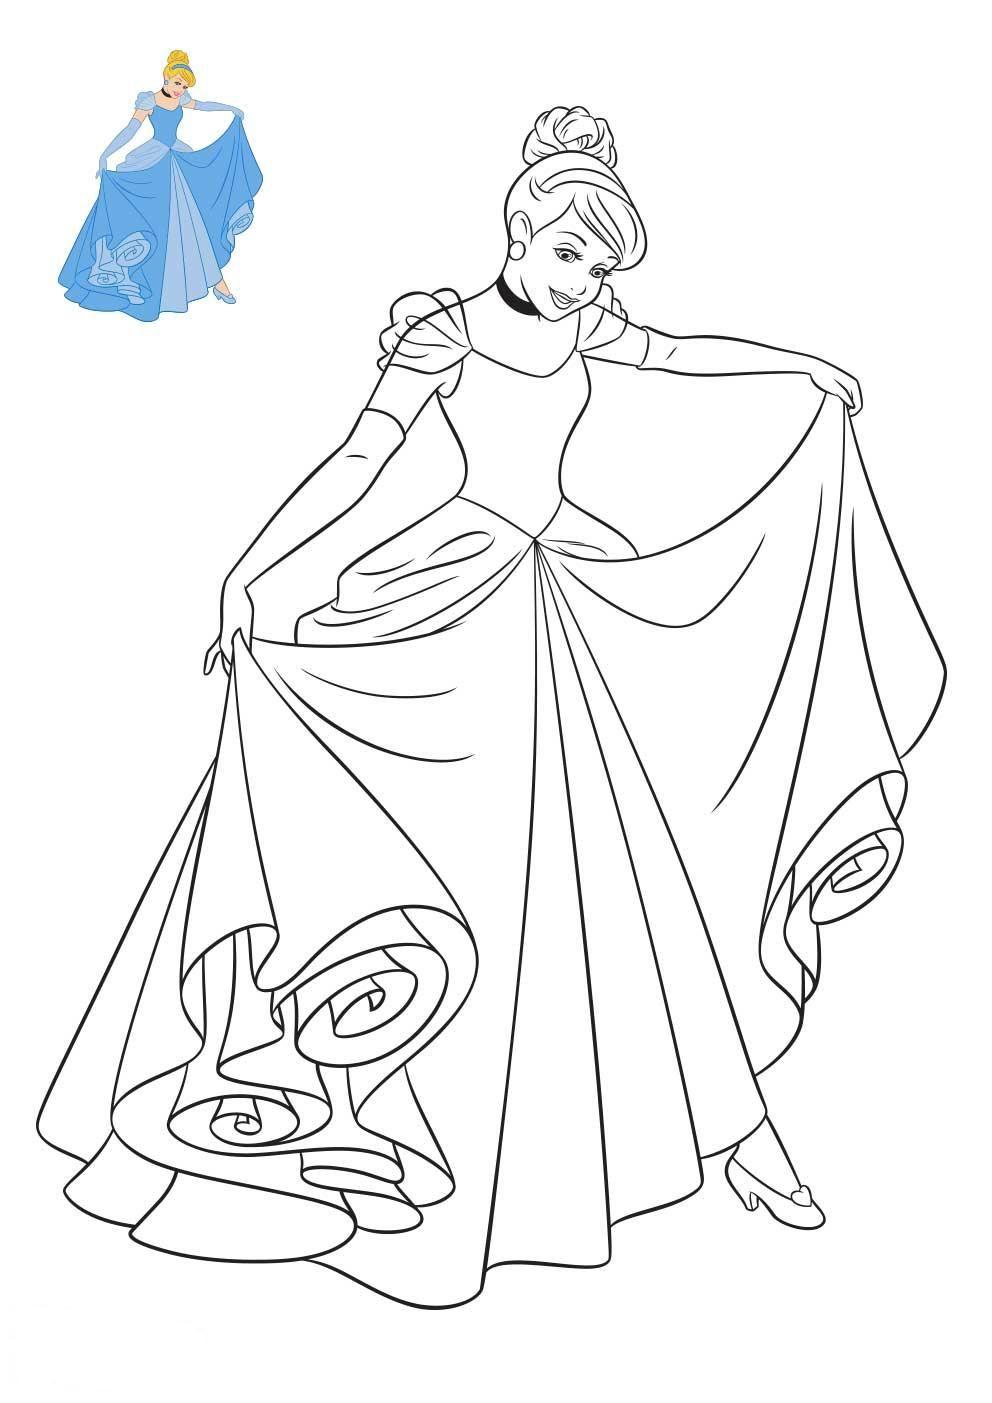 Dessin Coloriage Princesse